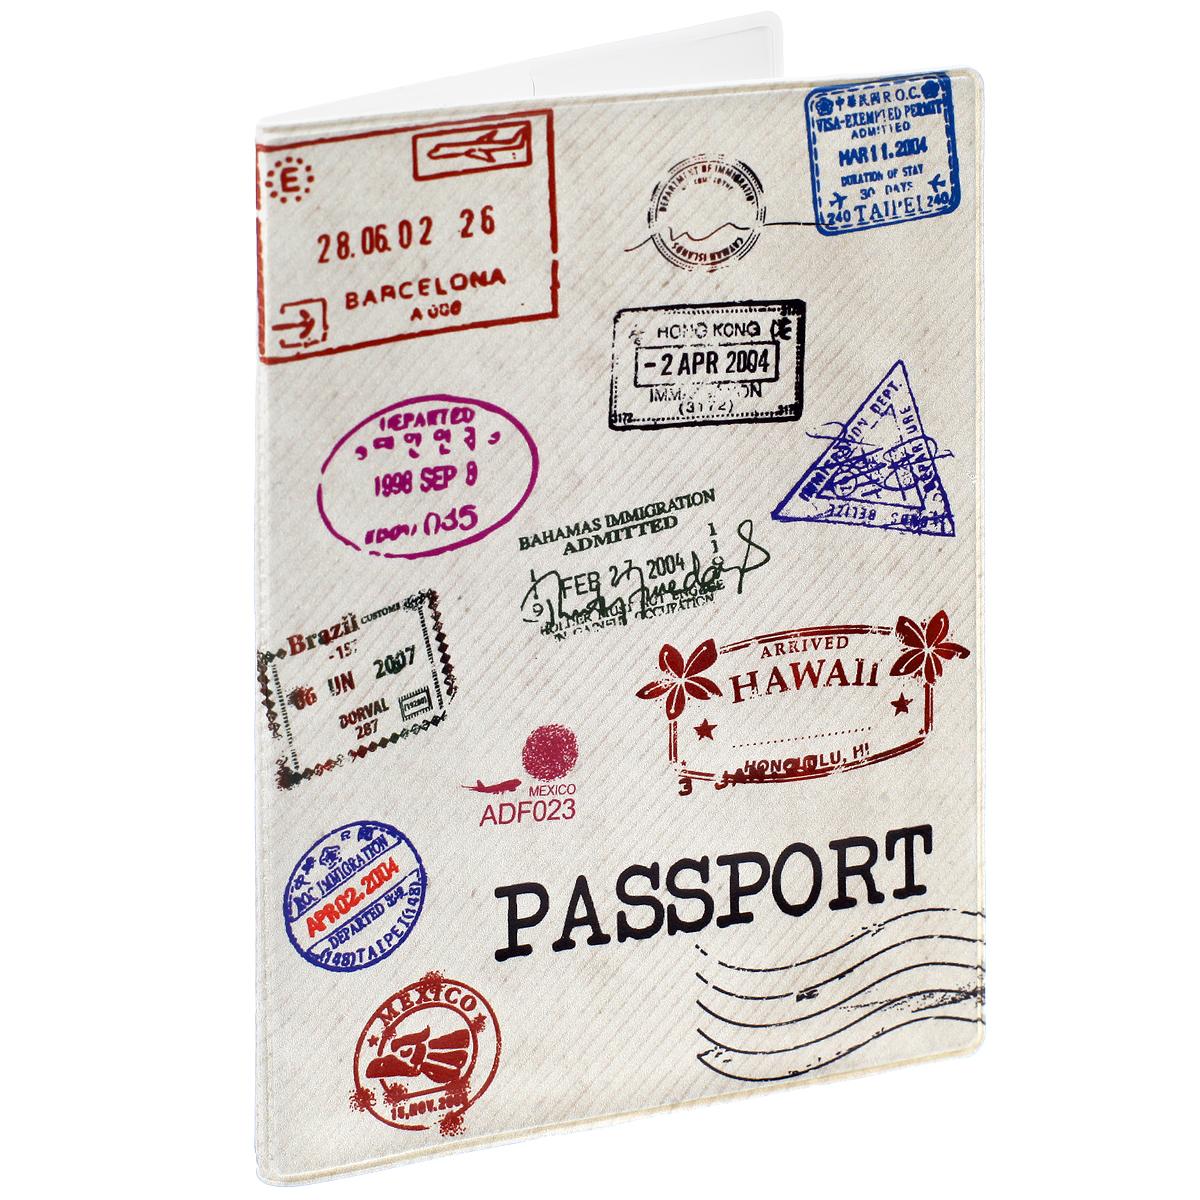 Обложка для паспорта Почтовые штампы, цвет: бежевый. 32398730Обложка для паспорта Почтовые штампы не только поможет сохранить внешний вид ваших документов и защитить их от повреждений, но и станет стильным аксессуаром, идеально подходящим вашему образу. Обложка выполнена из поливинилхлорида и оформлена оригинальным изображением почтовых штампов. Внутри имеет два вертикальных кармана из прозрачного пластика. Такая обложка поможет вам подчеркнуть свою индивидуальность и неповторимость!